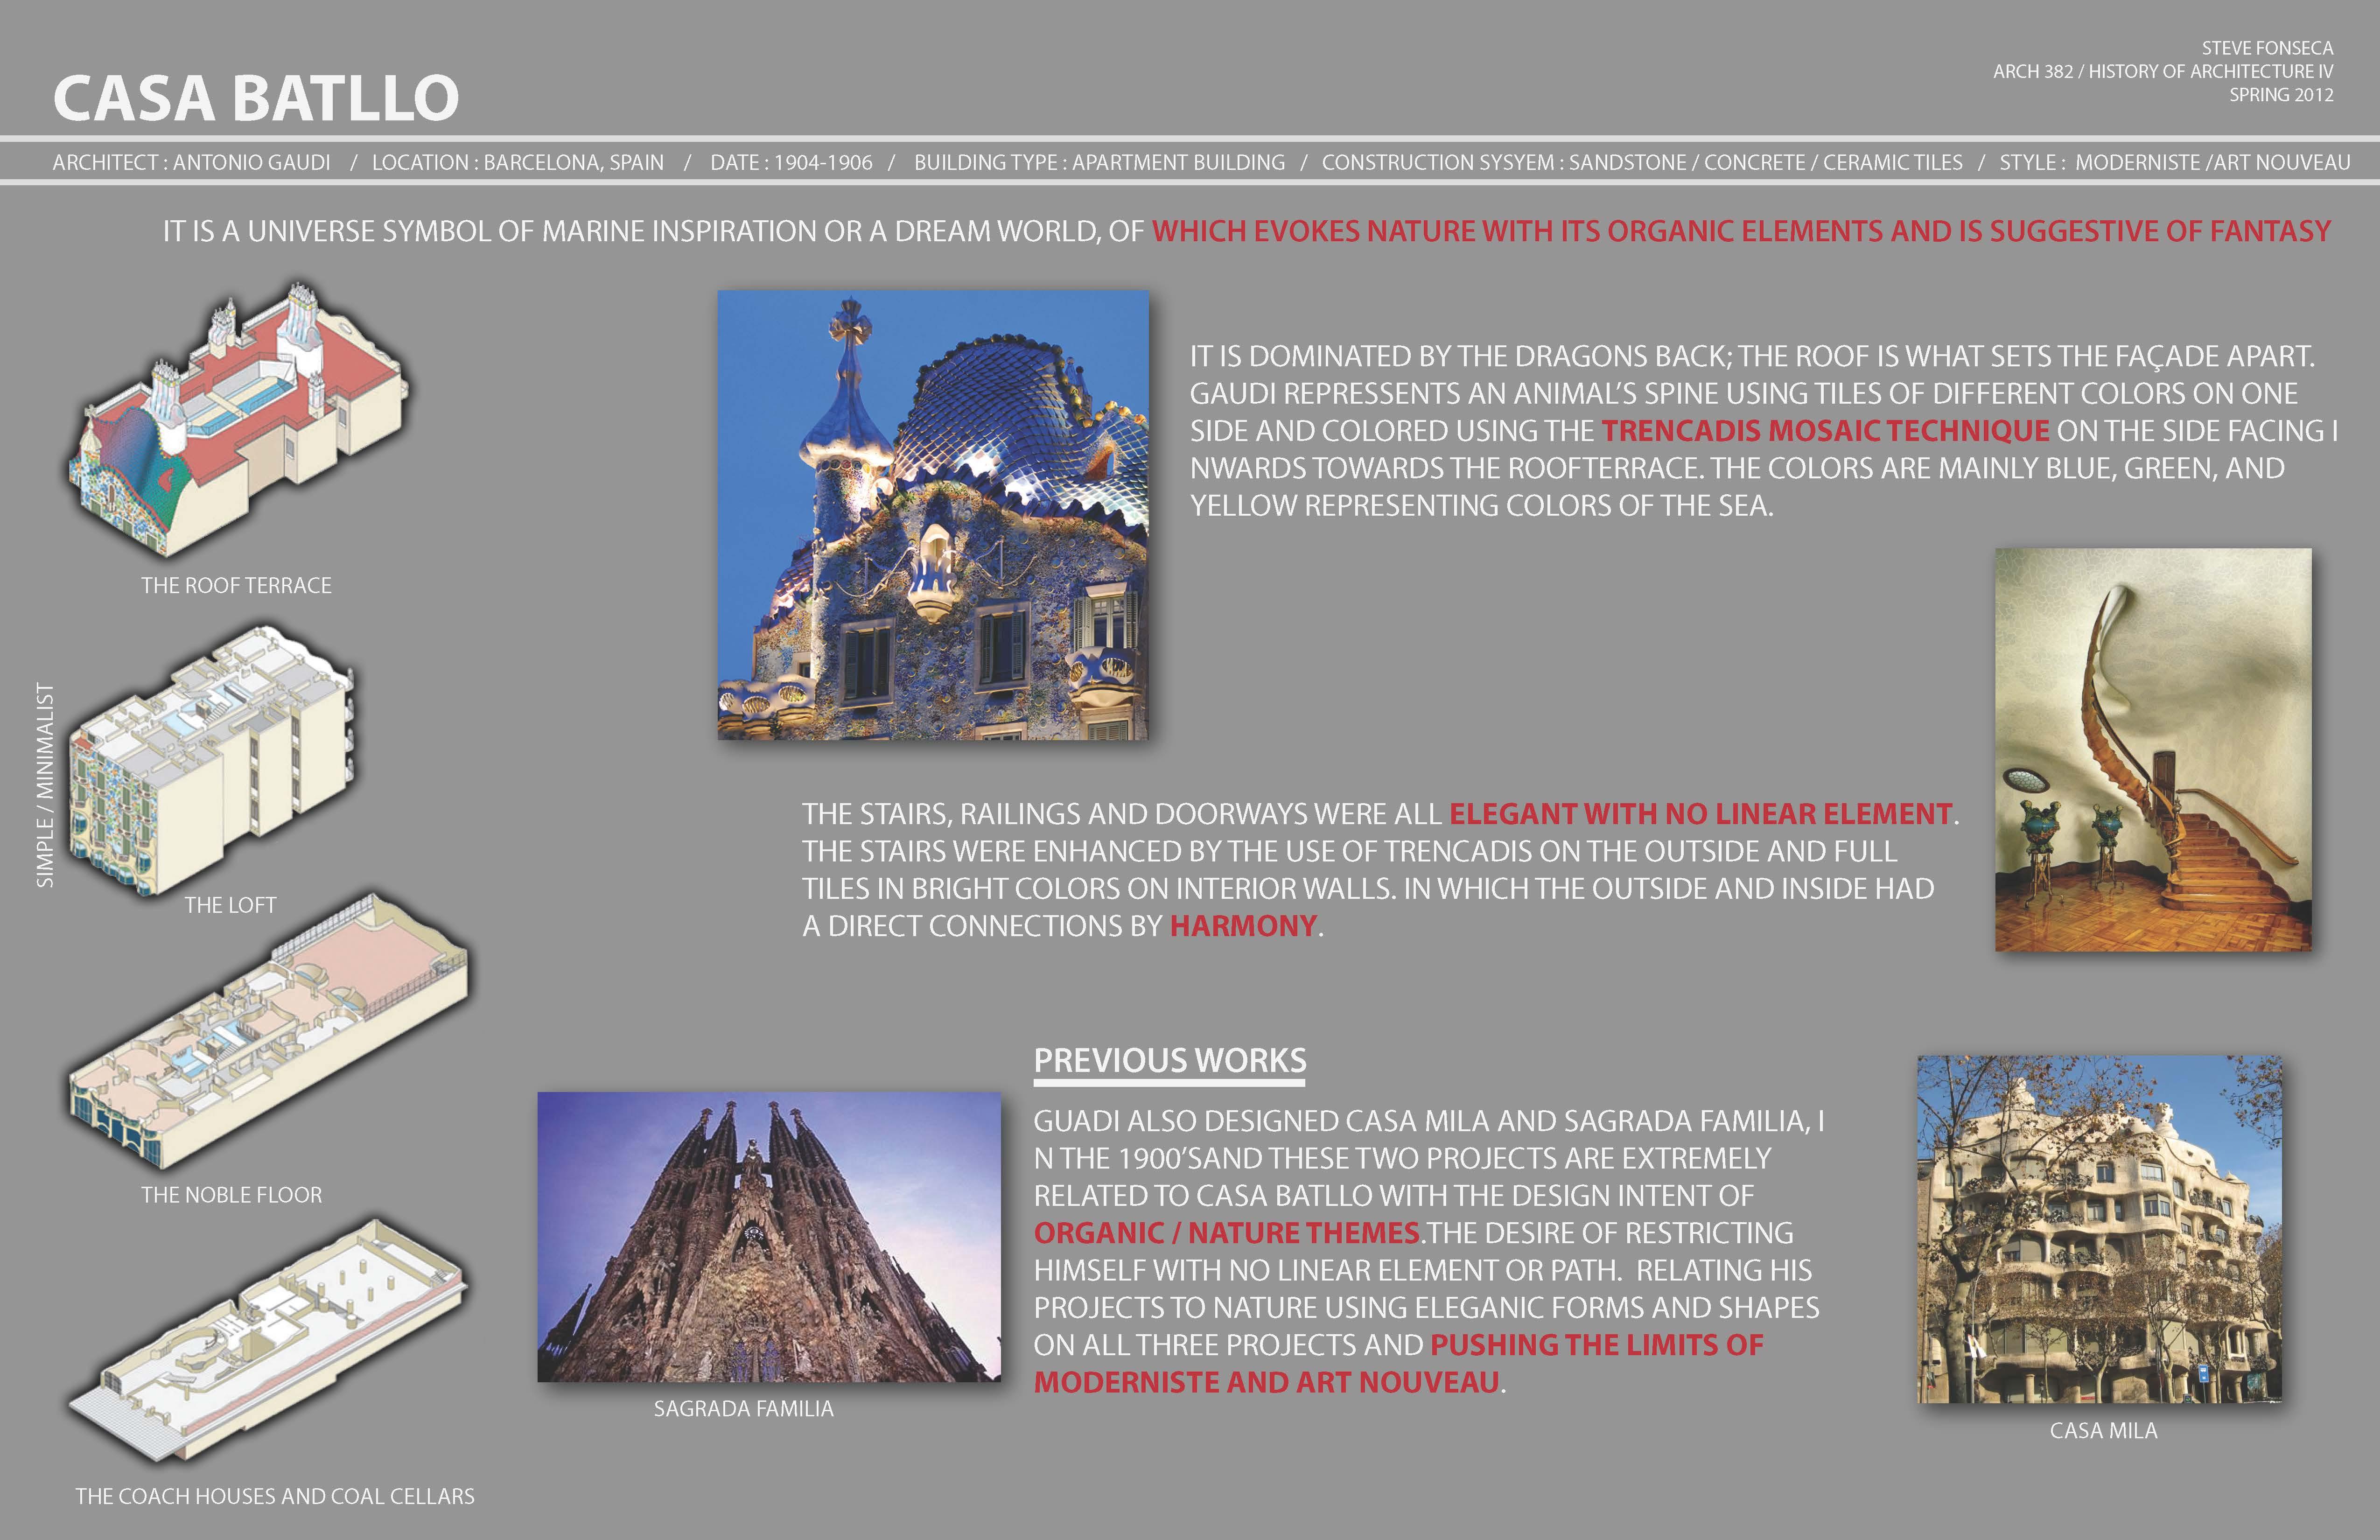 Casa Batllo and Castel Beranger by Antonio Gaudi and Hector Guimard  History 382 NJIT